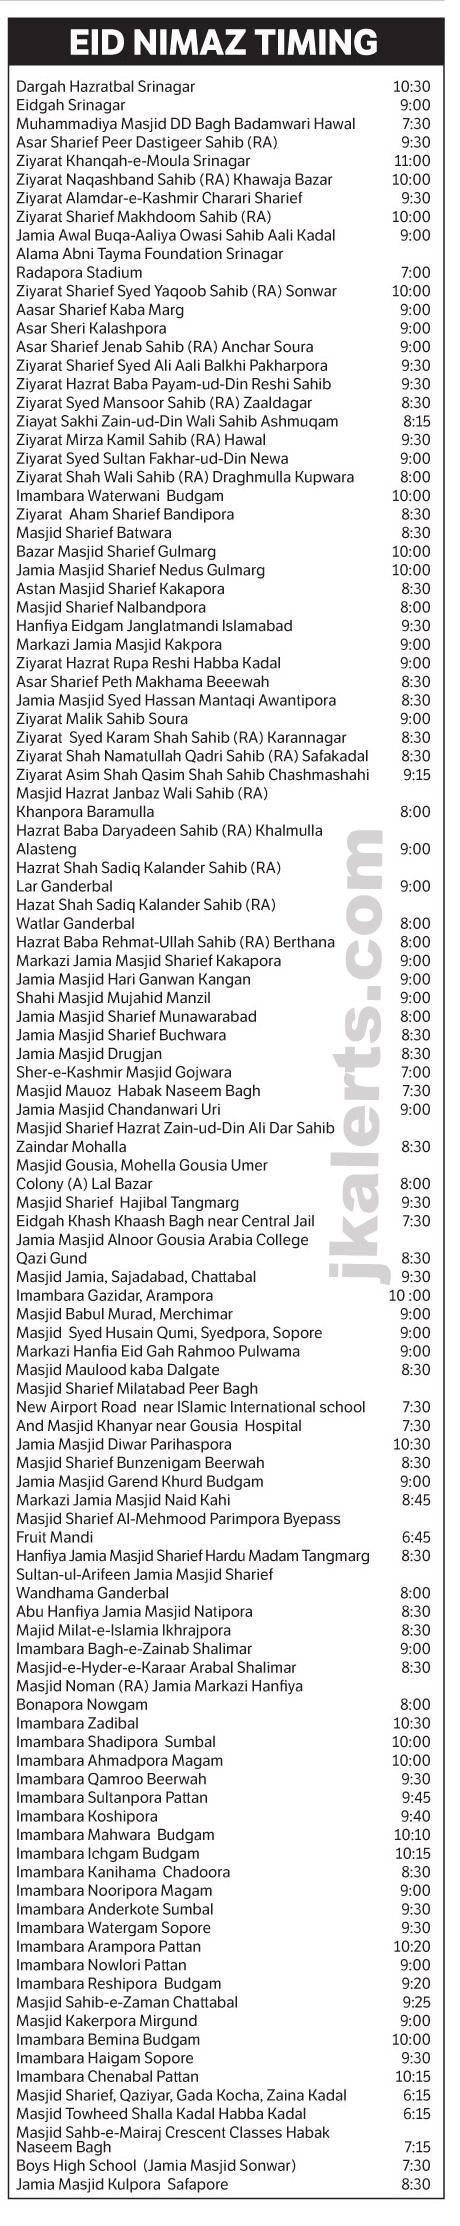 Eid Namaz timing Srinagar Kashmir 2018